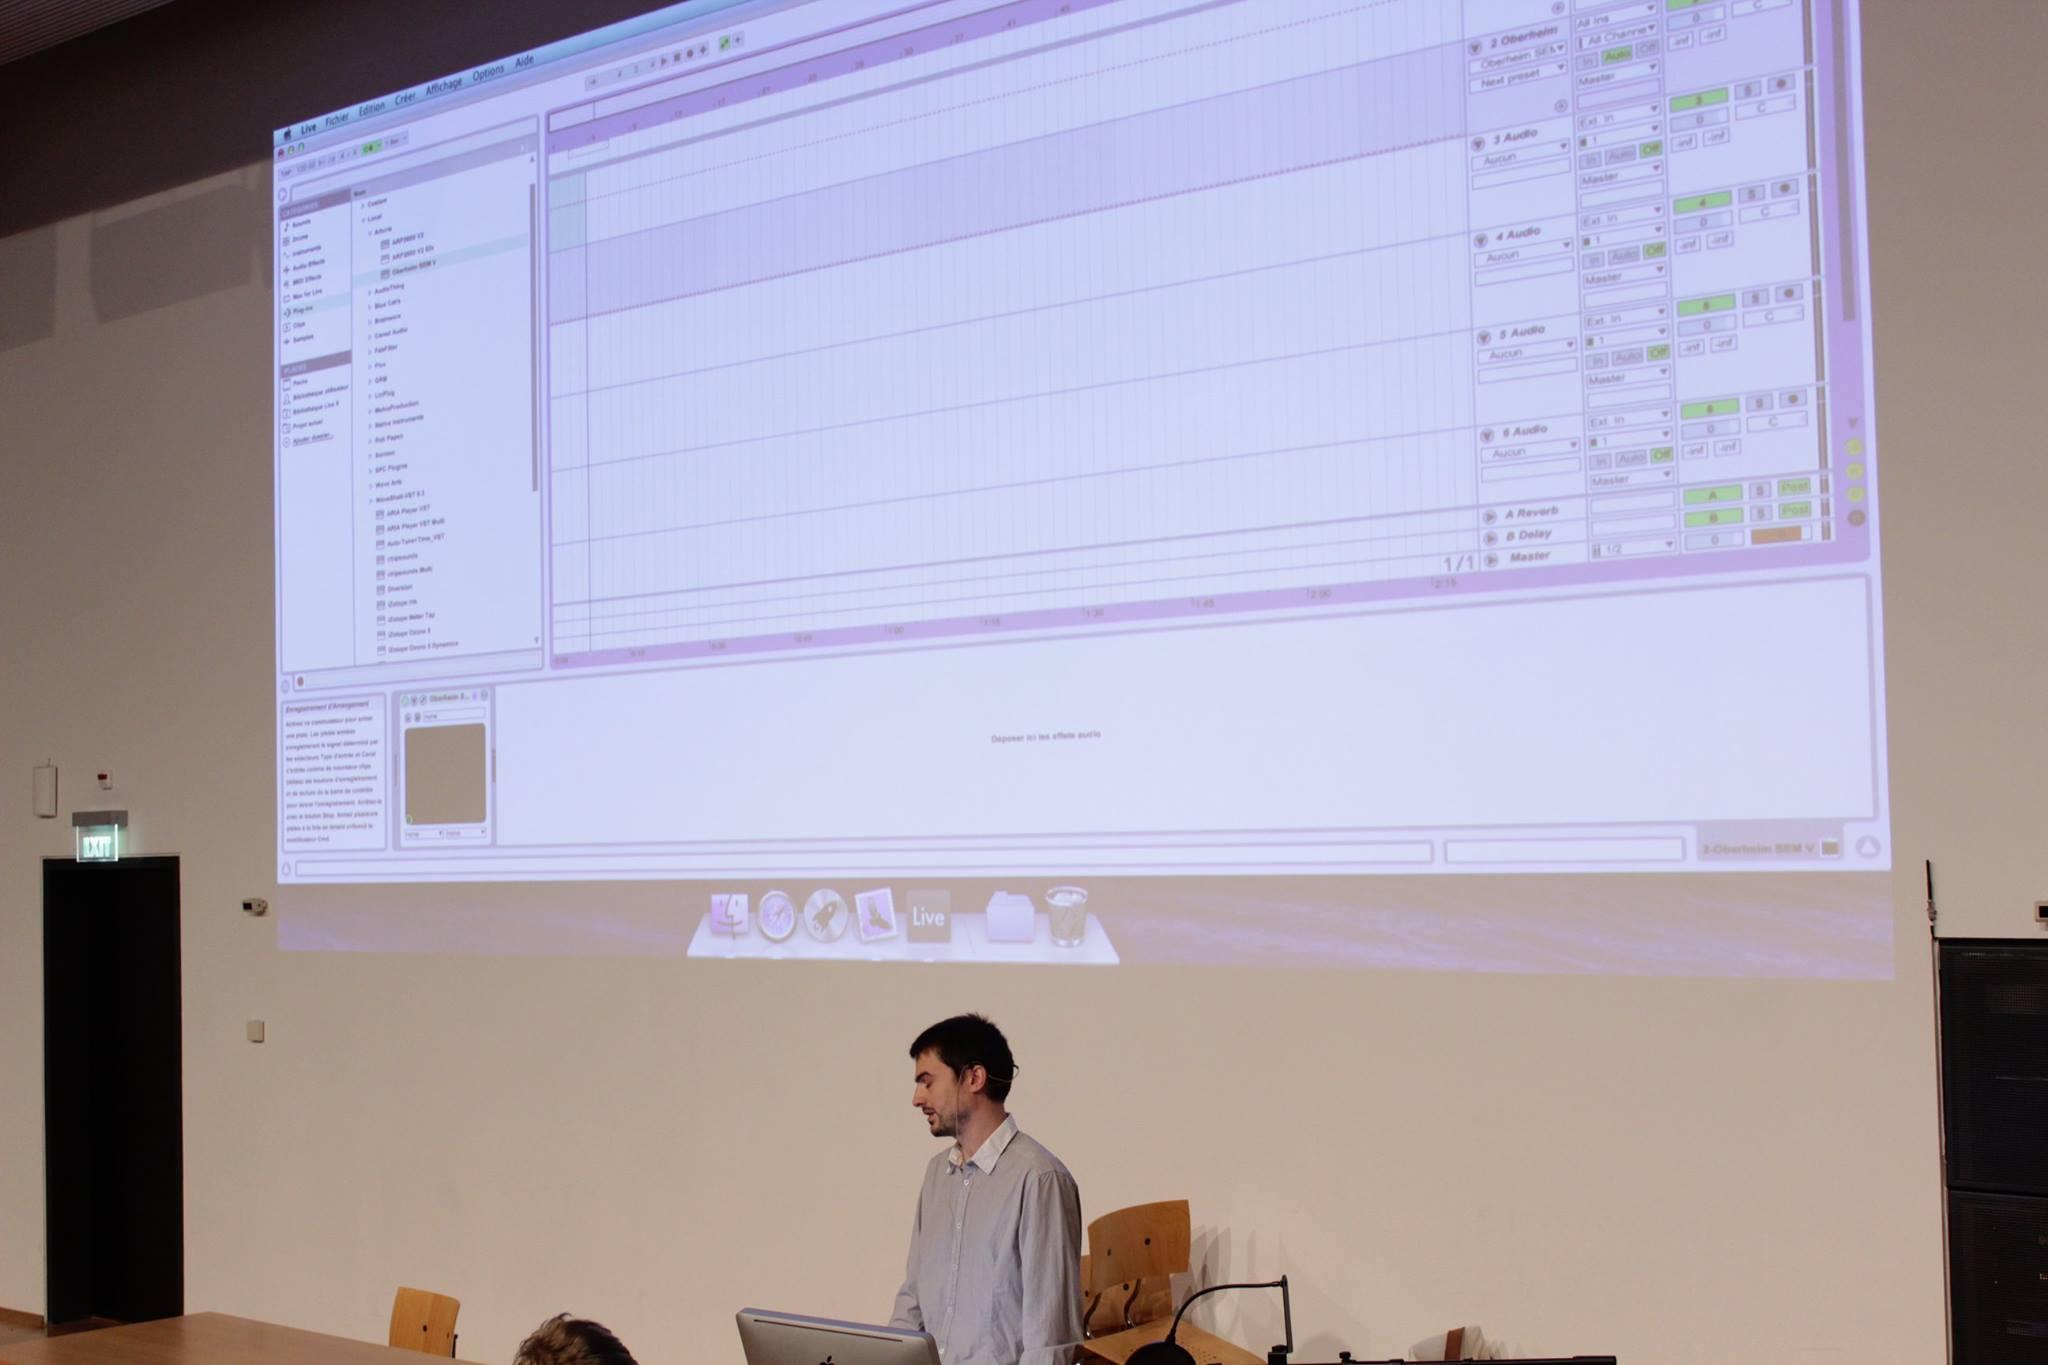 La conférence d'Antoine Tuloup sur fond de sound design champêtre. Meuh.